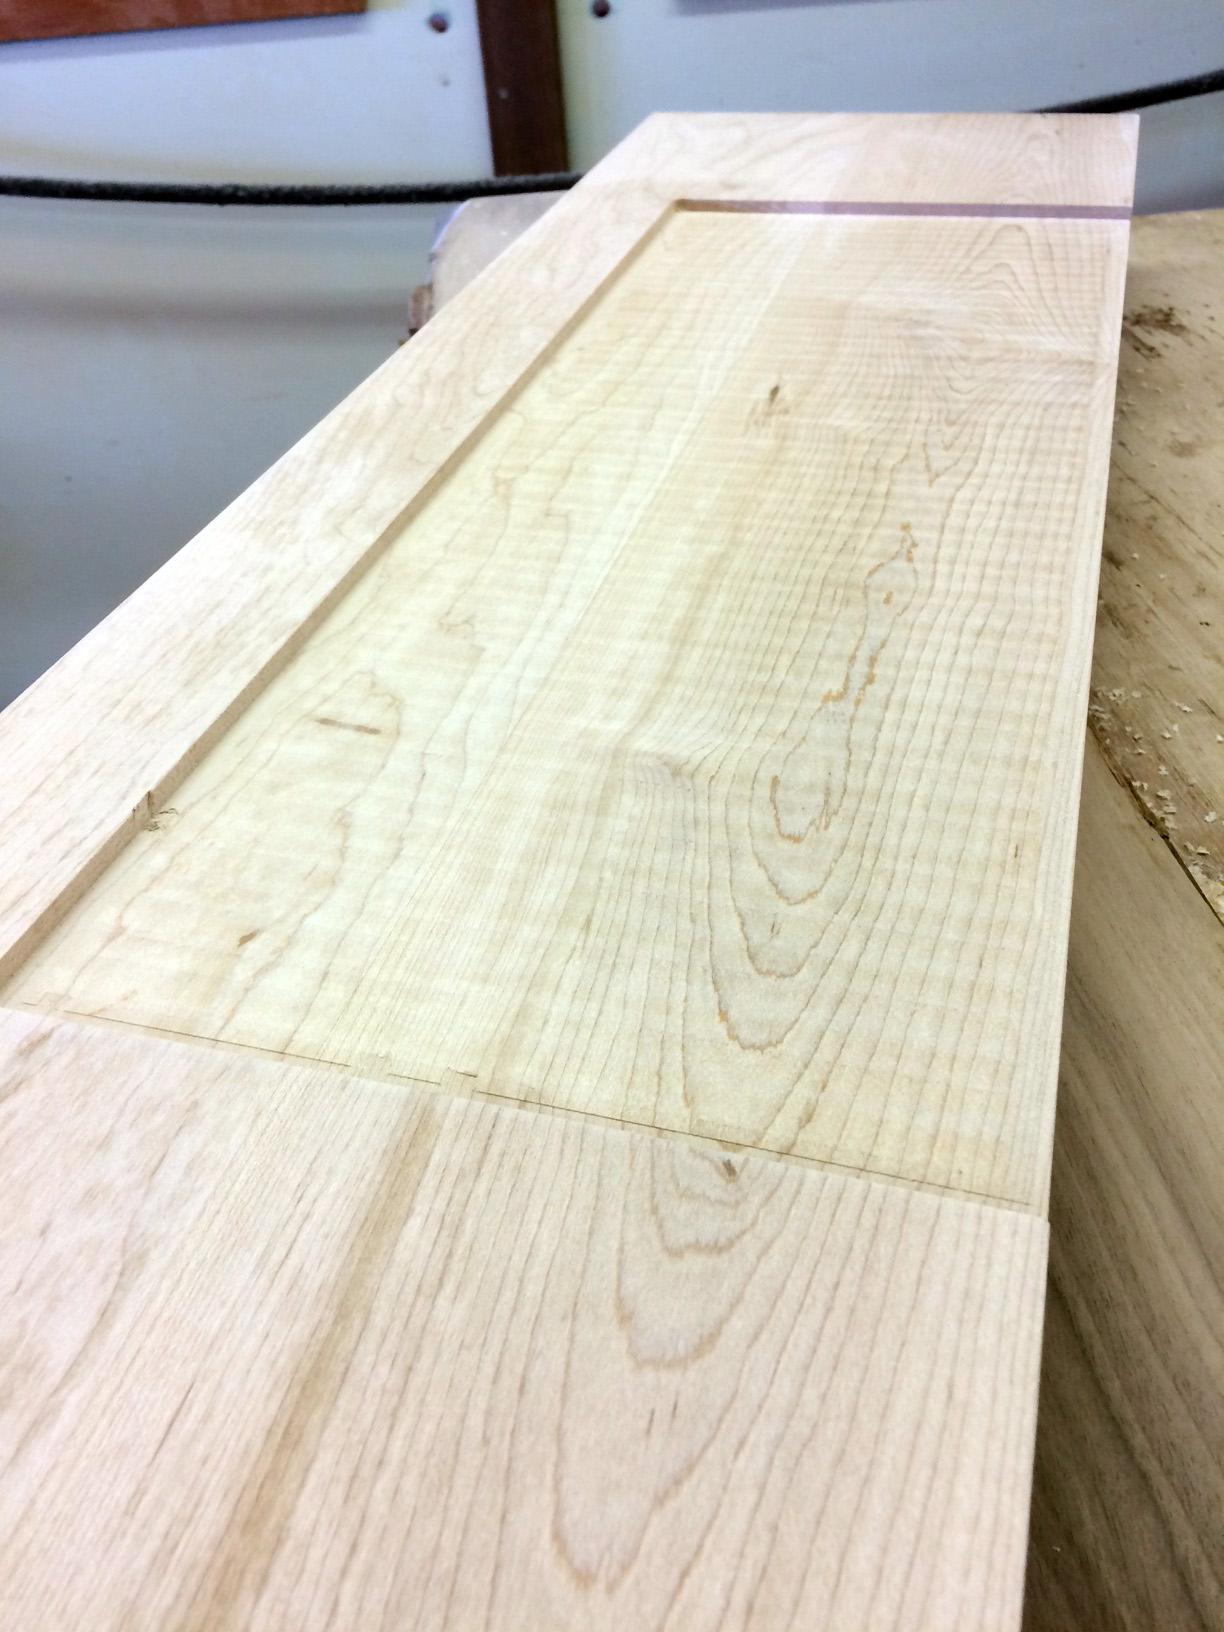 October milling jobs west wind hardwood